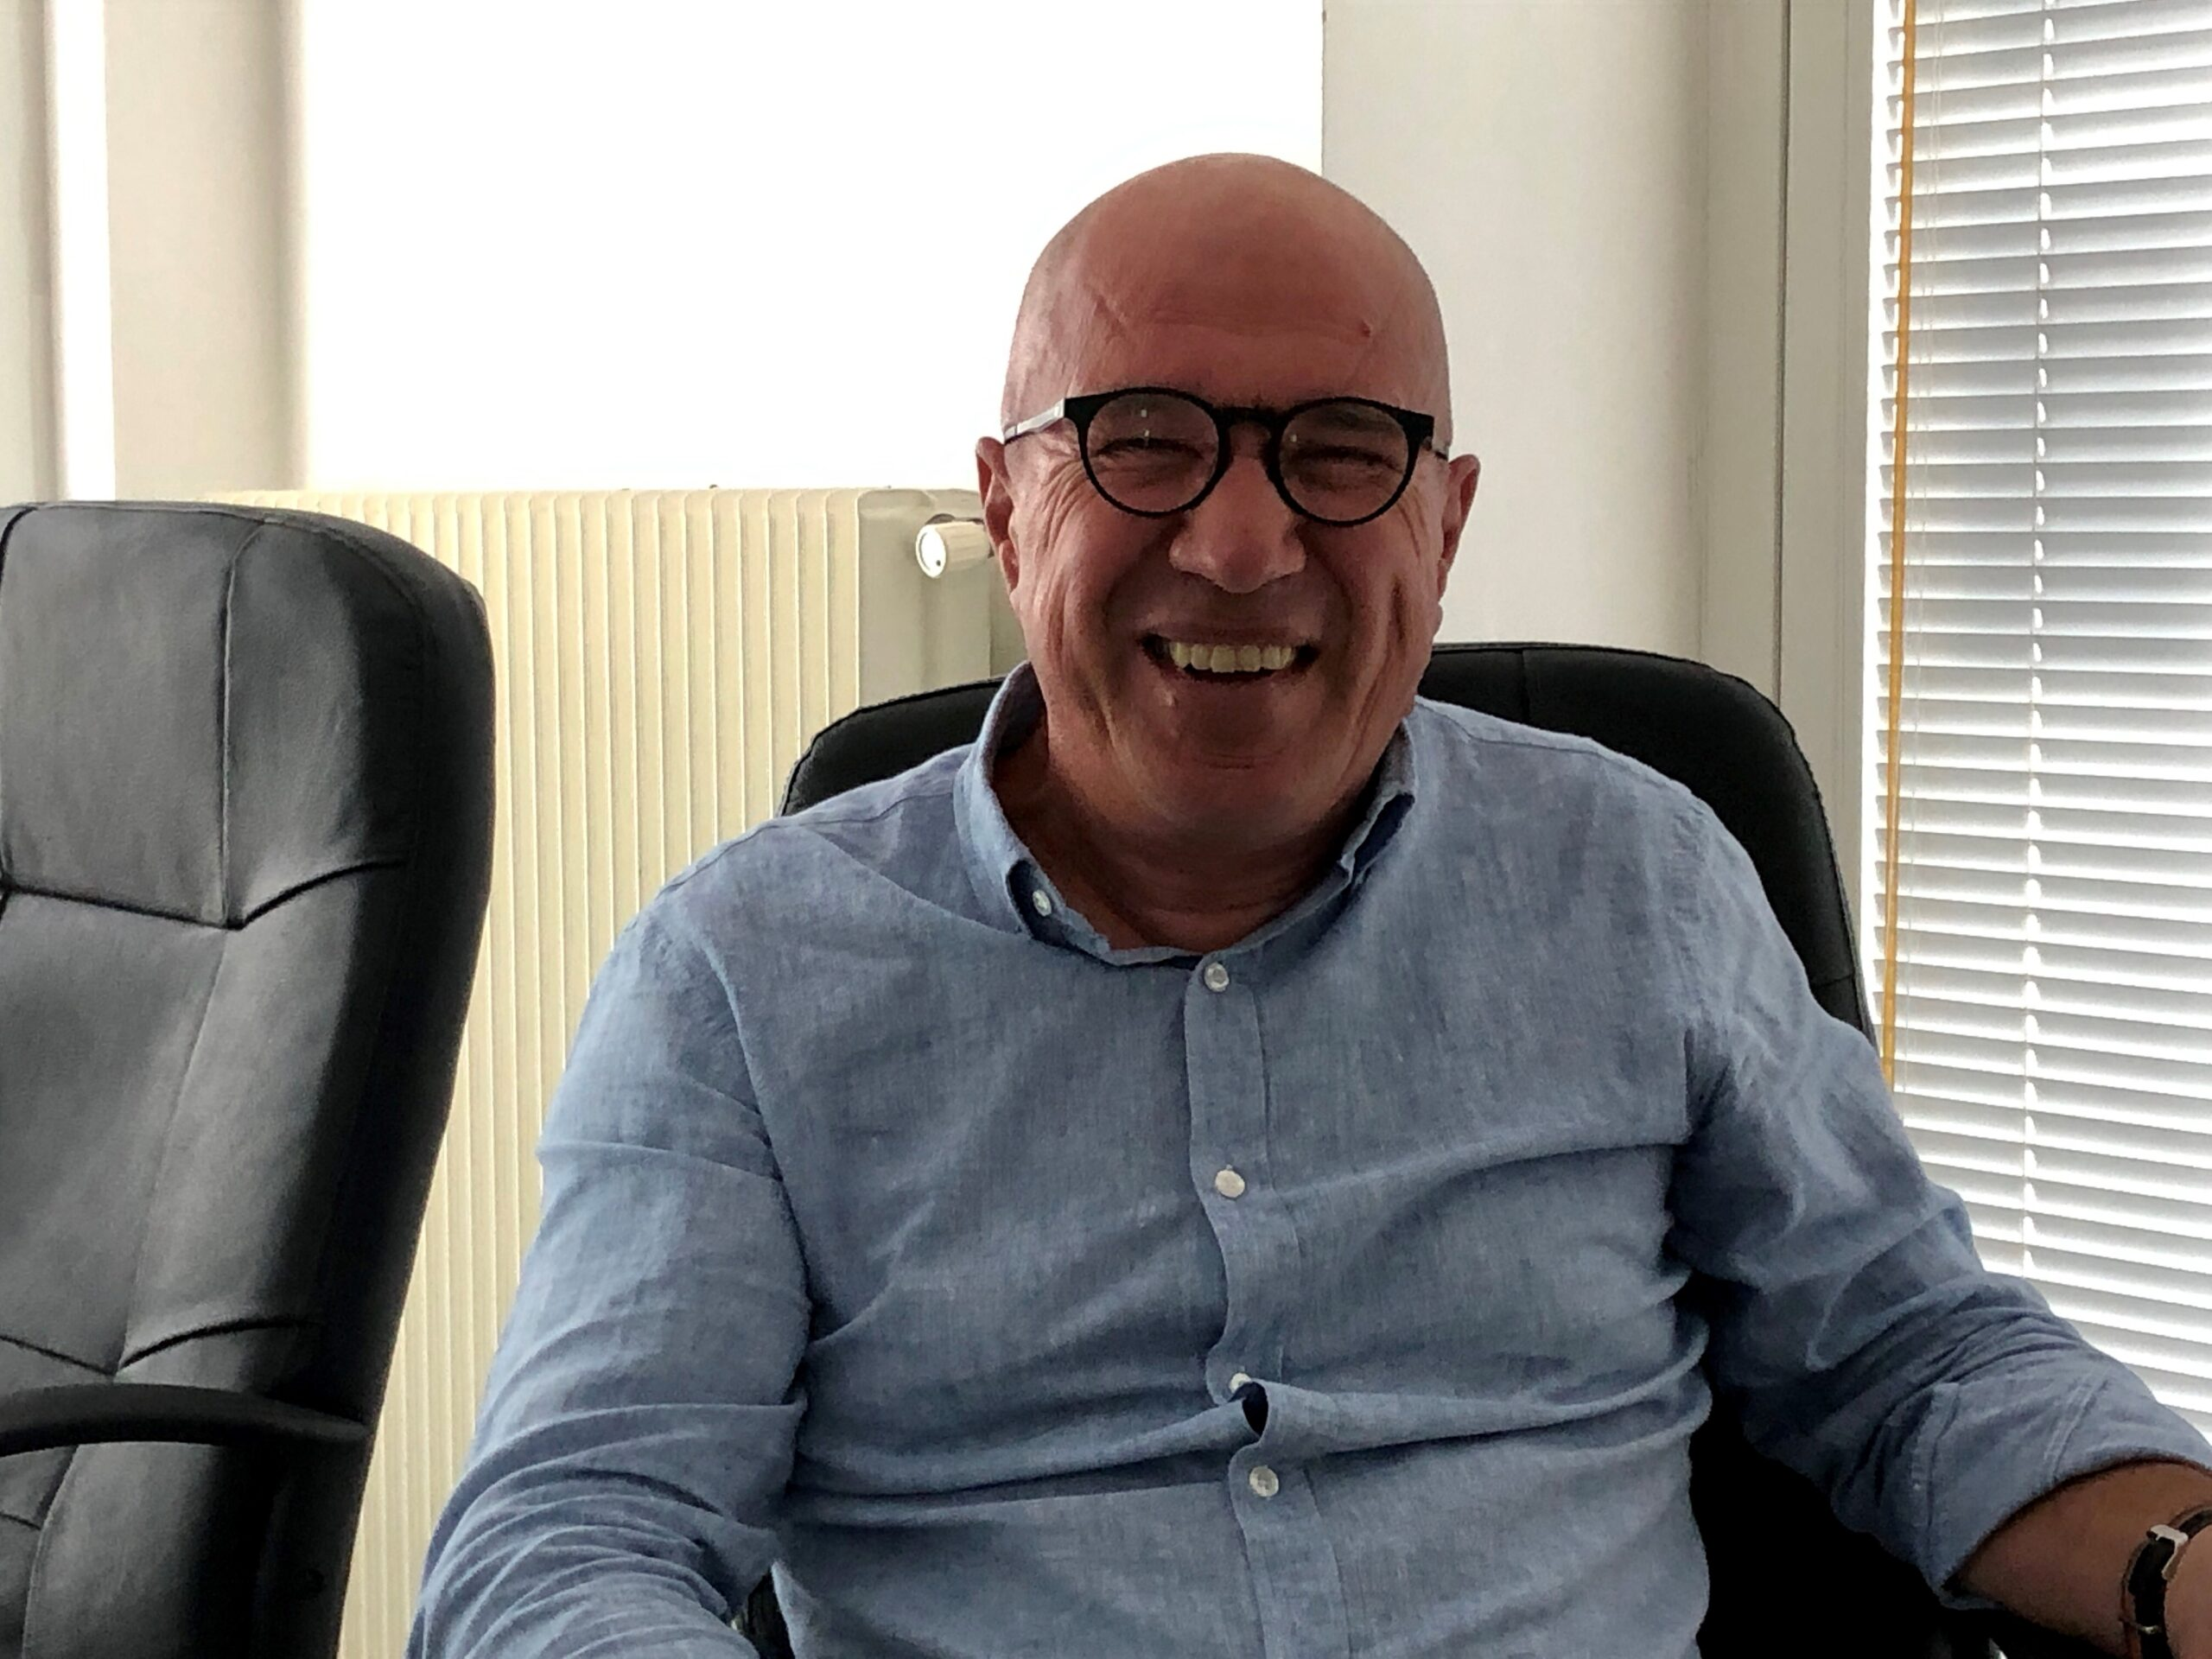 Fortunato Moratto, einer der Geschäftsführer von FVG Marinas und Chef der Marina Sant'Andrea freut sich über die erneute Auszeichnung mit der Blauen Flagge.